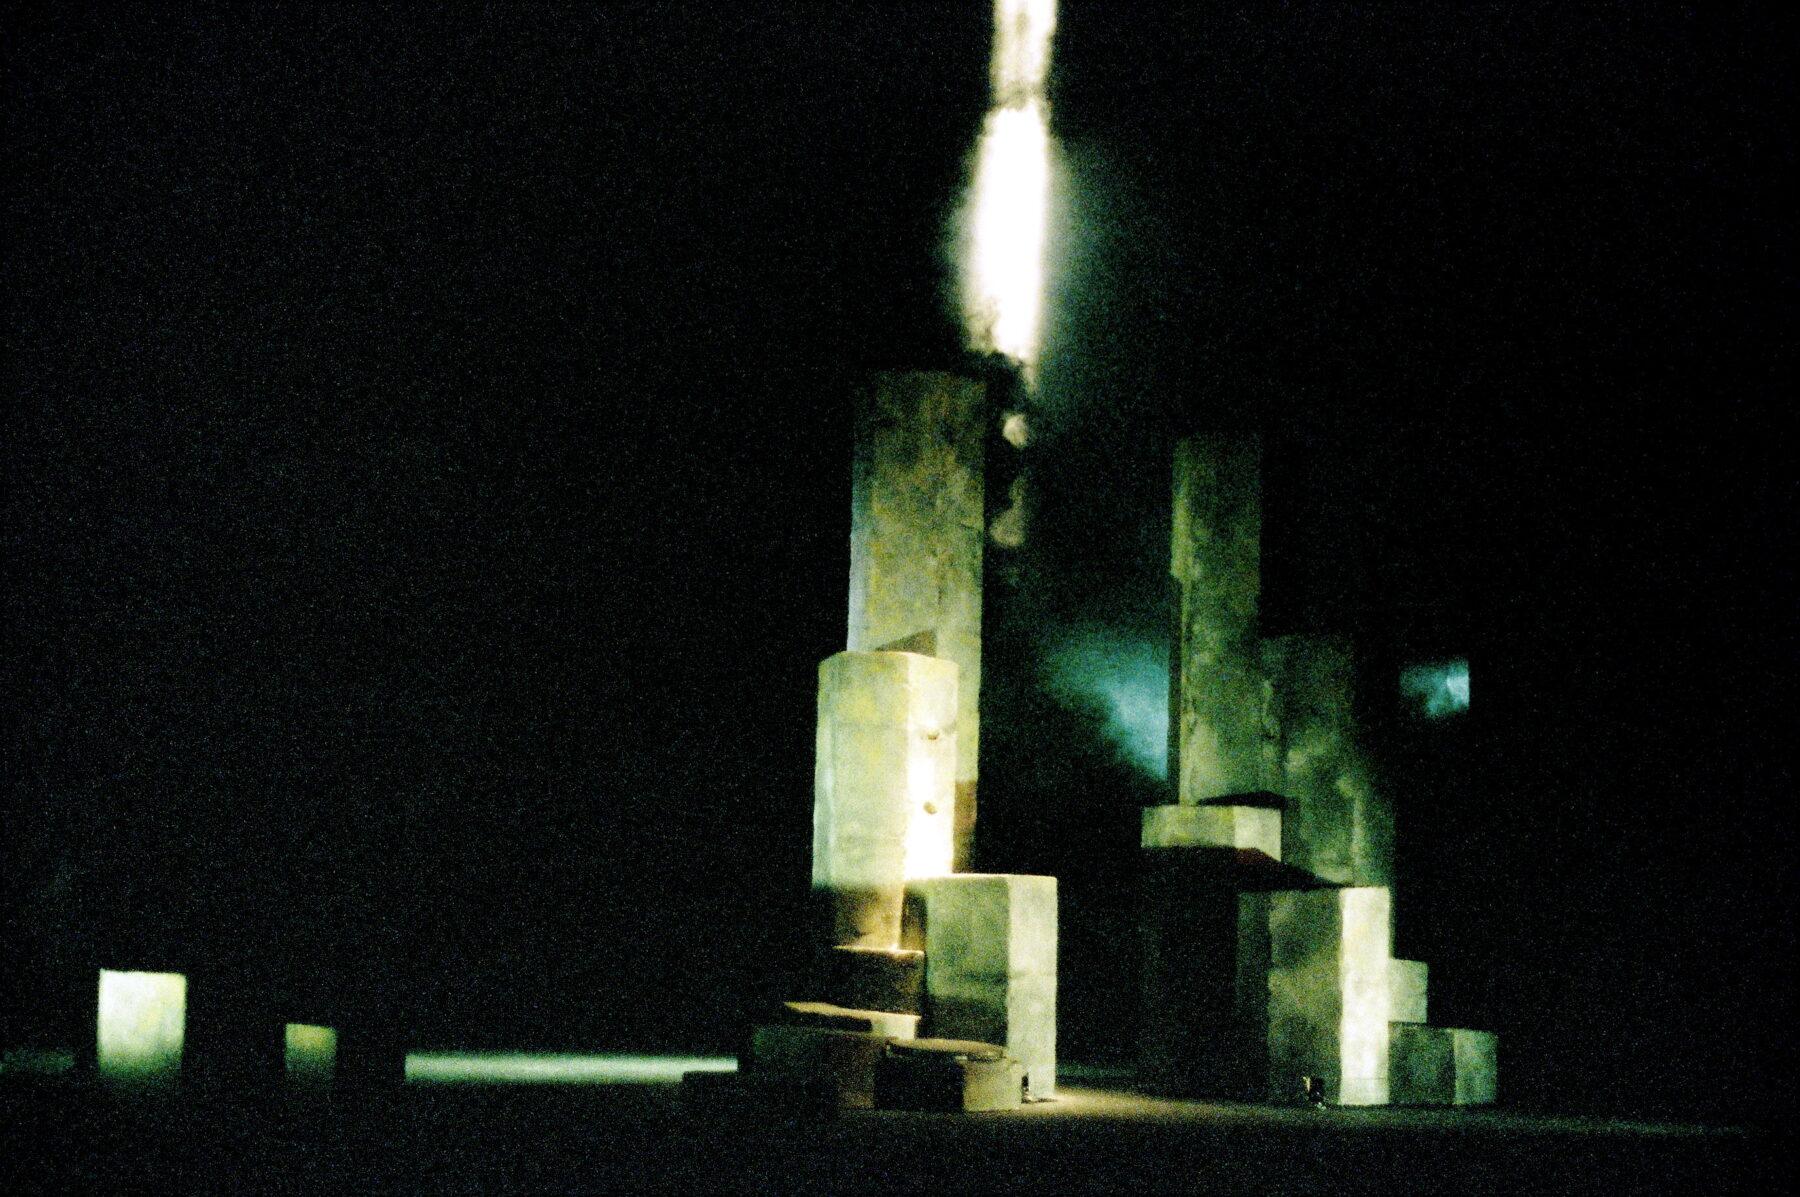 Macbeth, Second Age Theatre Company